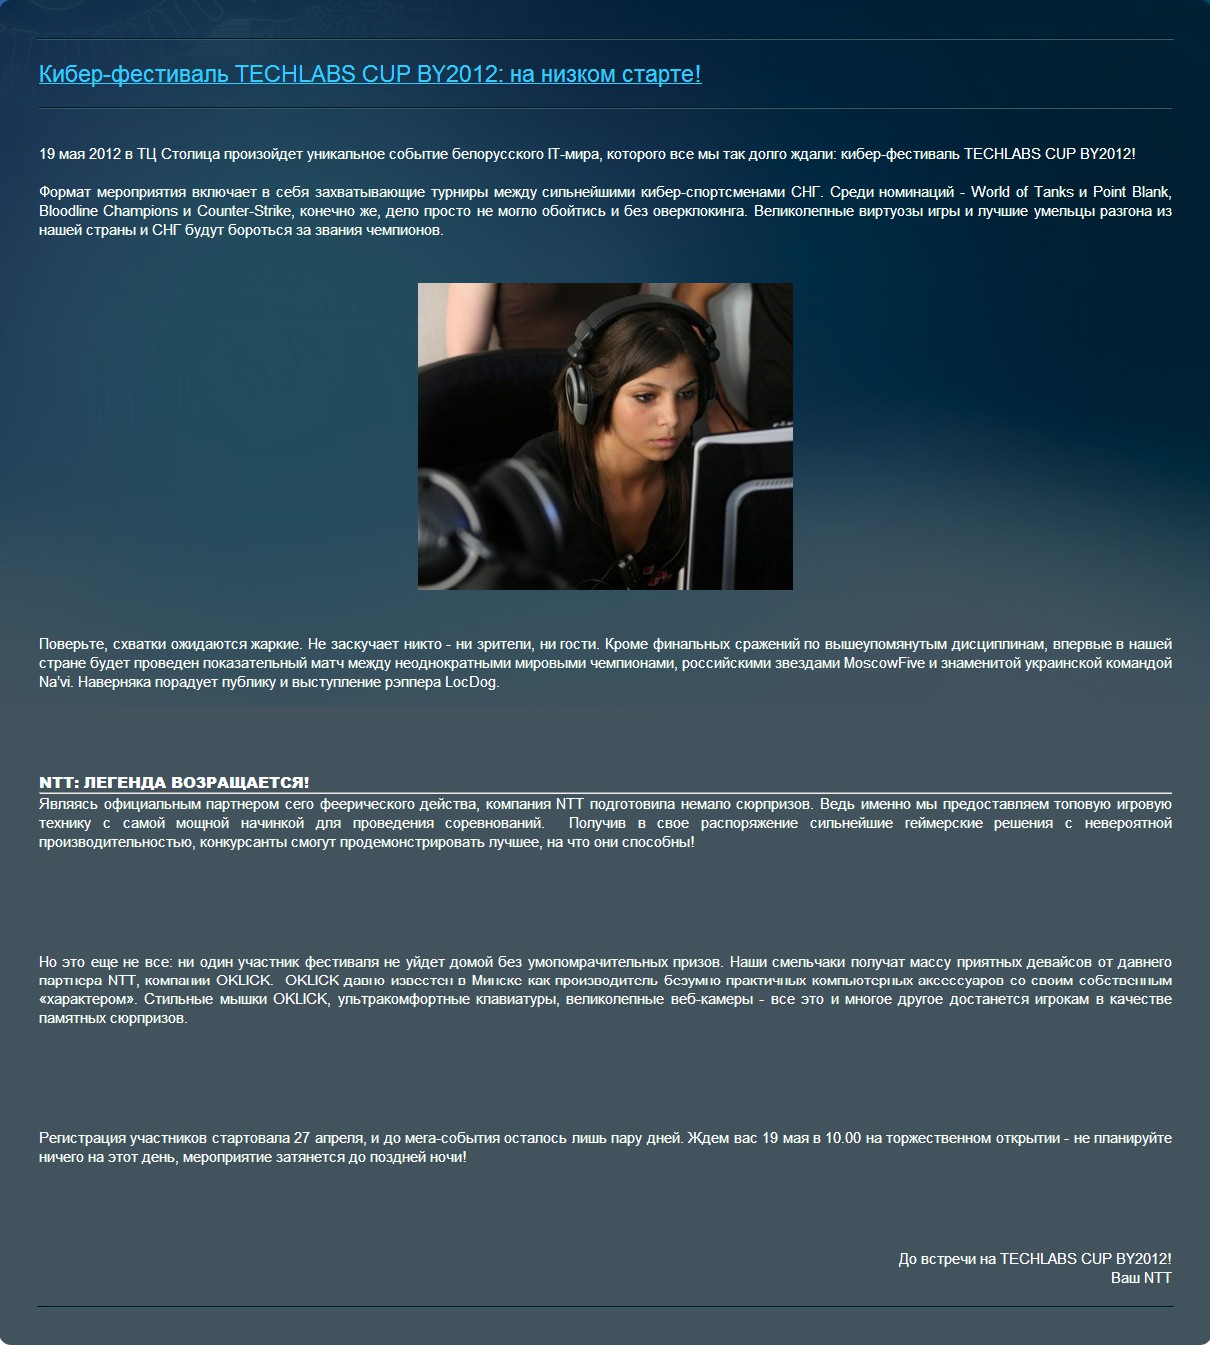 Кибер-фестиваль TECHLABS CUP BY2012: на низком старте!